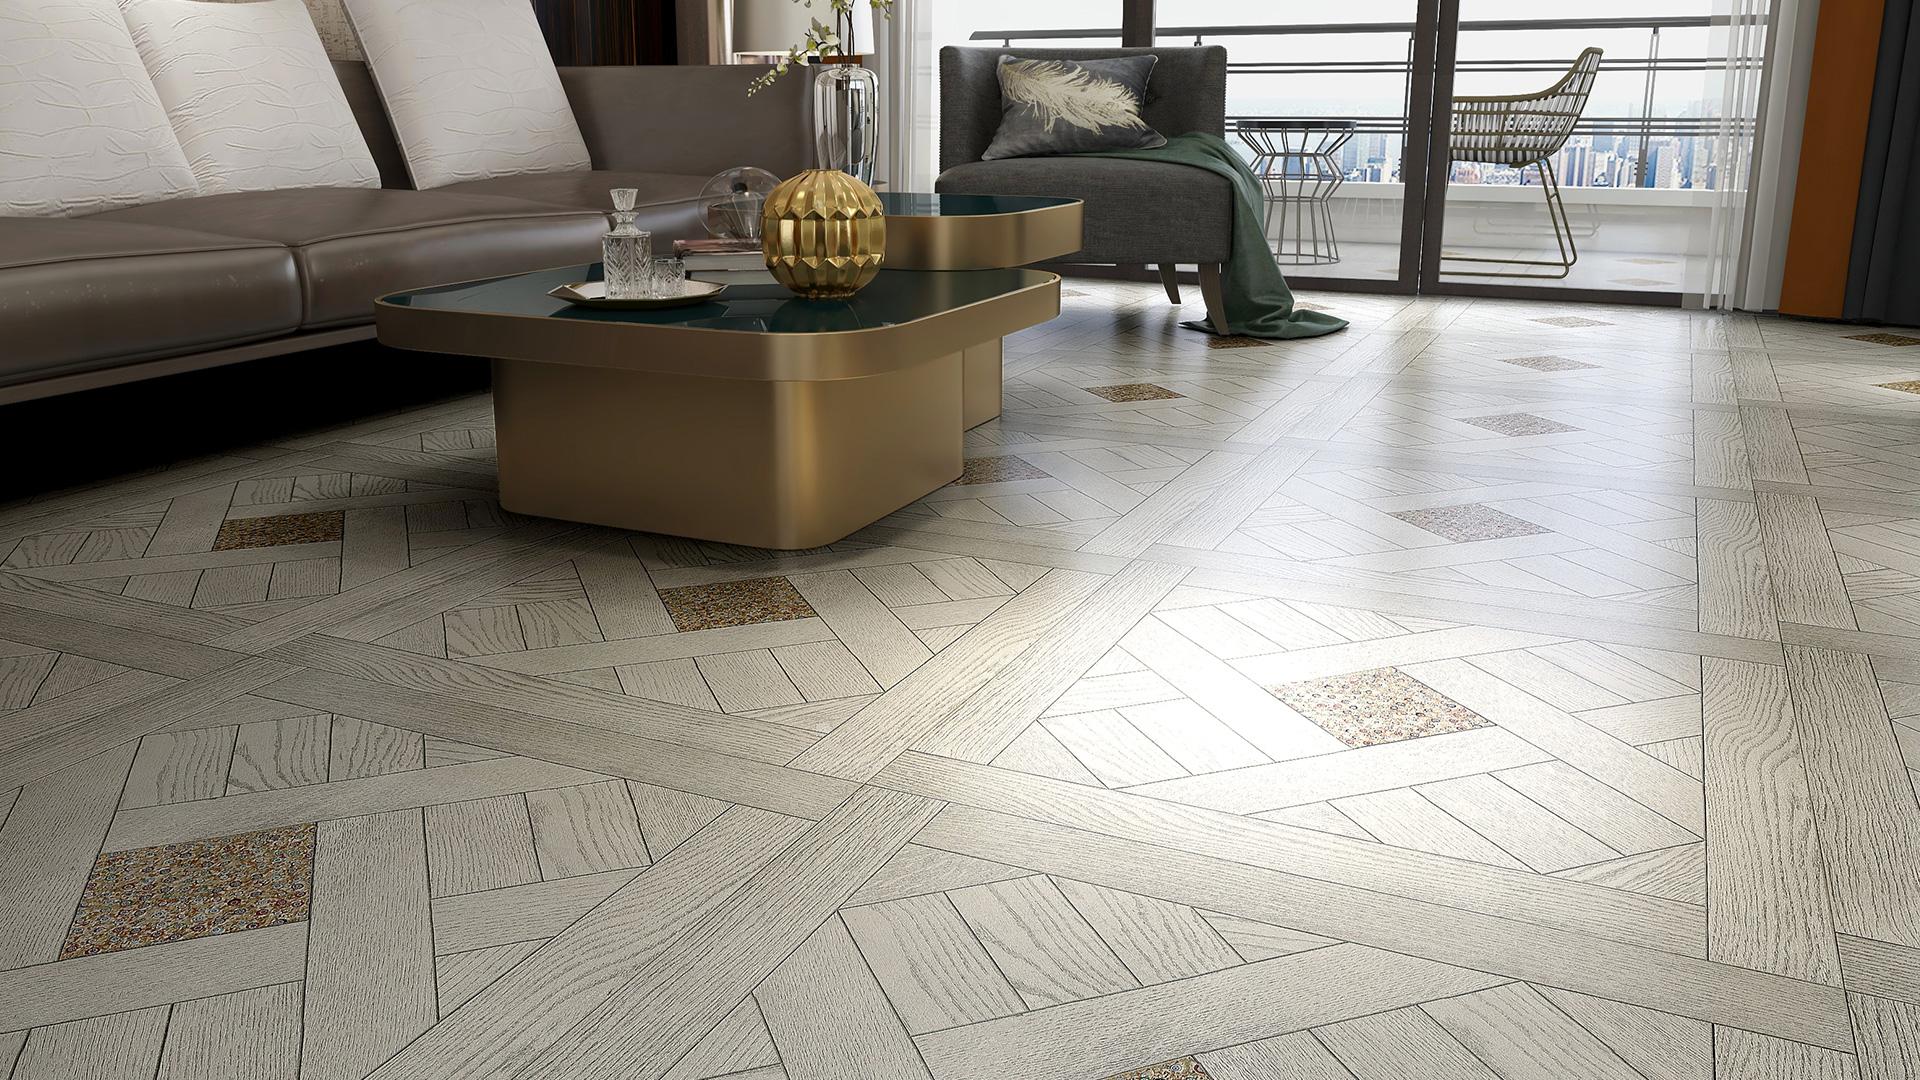 意大利GARBELOTTO实木复合地板,白金色方形拼花带玻璃